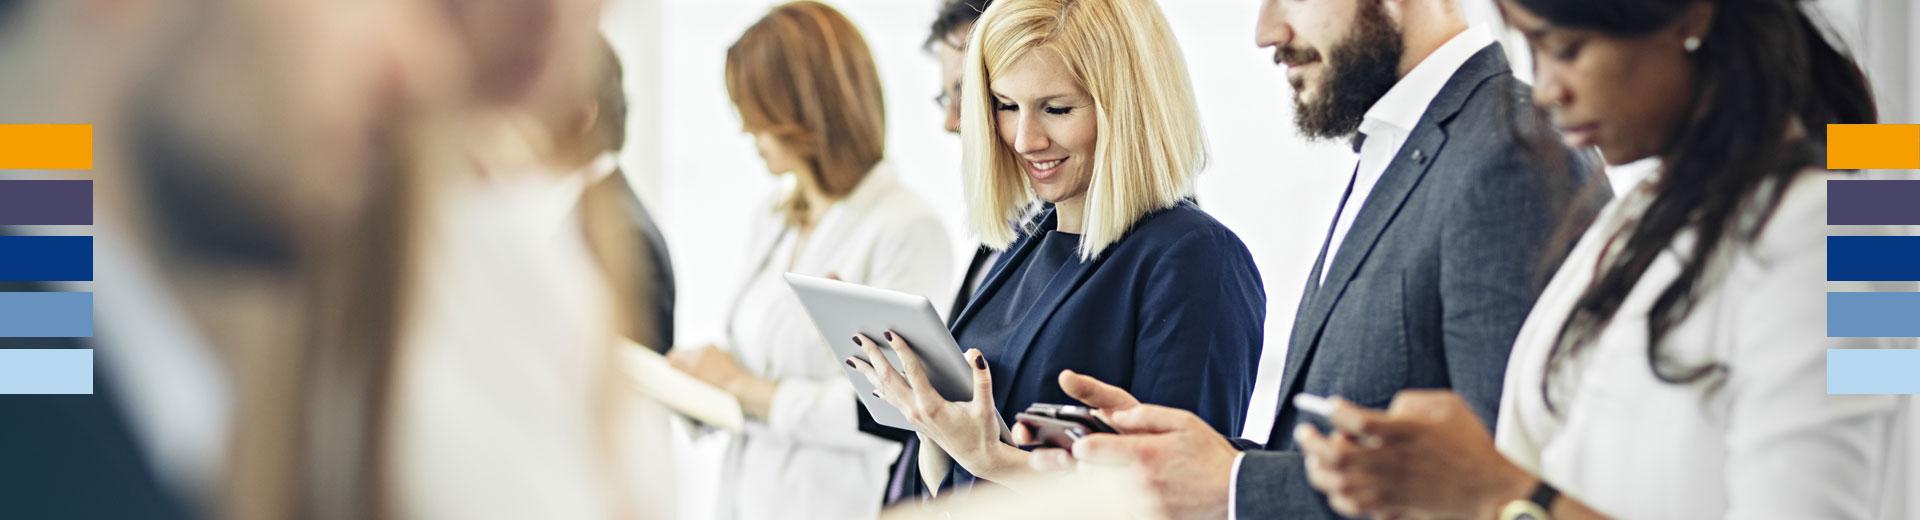 index-HR-Marketing-Start-Kariere-Websites